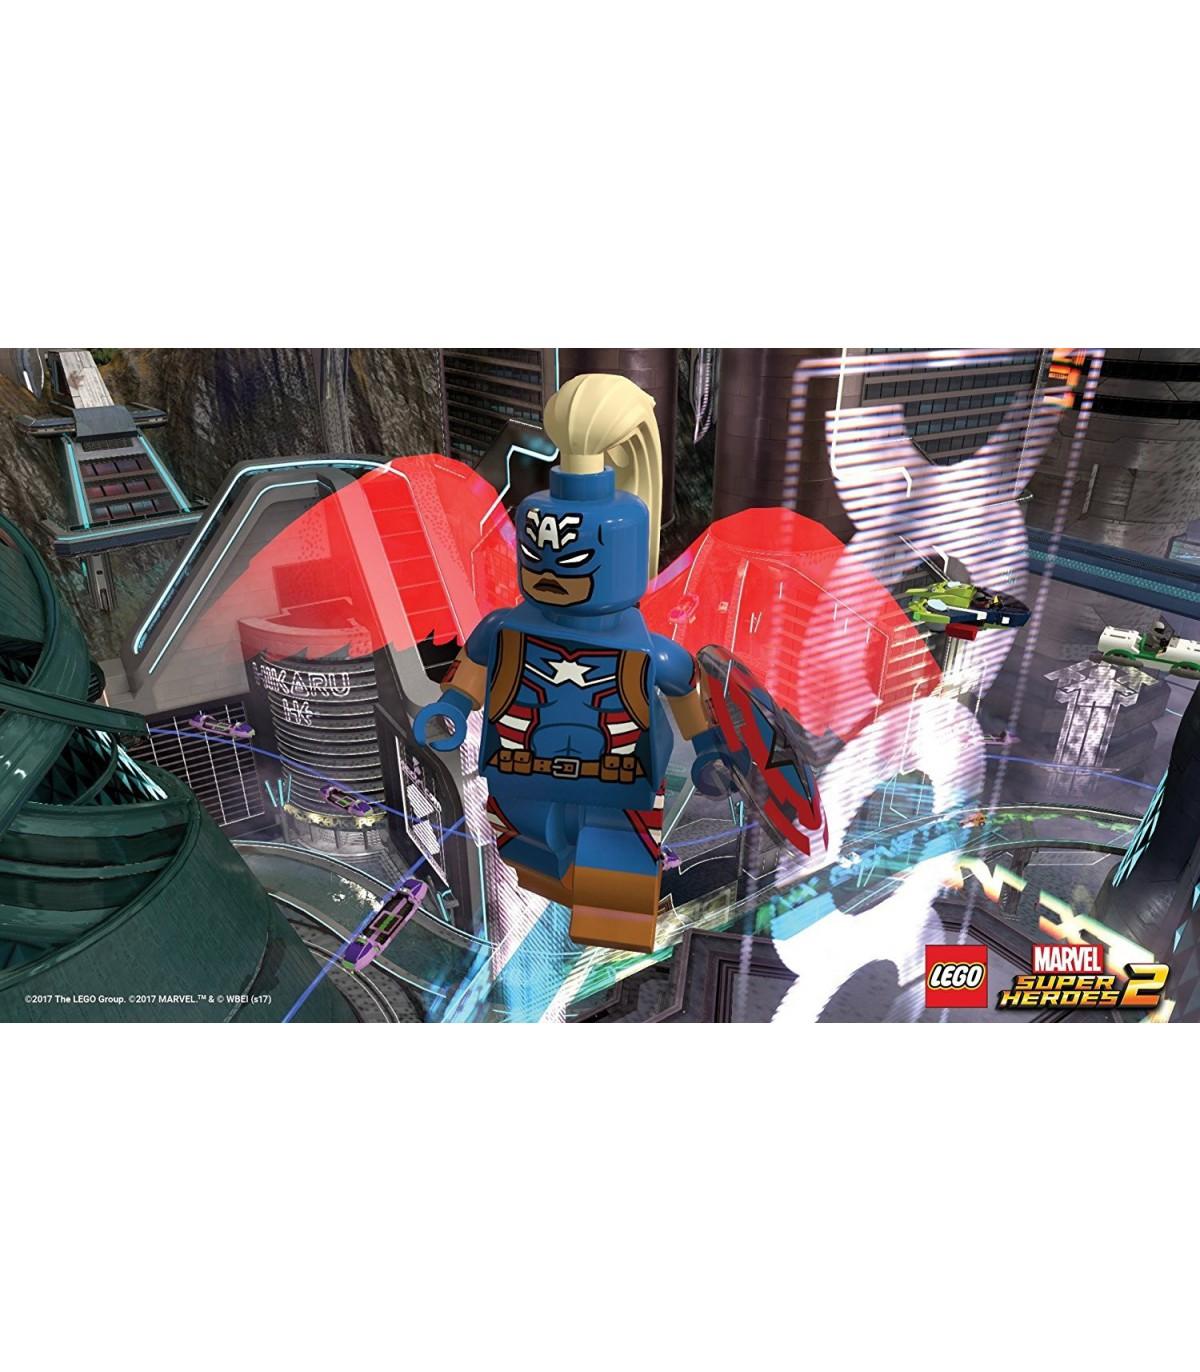 بازی Lego Marvel Super Heroes 2 کارکرده - پلی استیشن 4